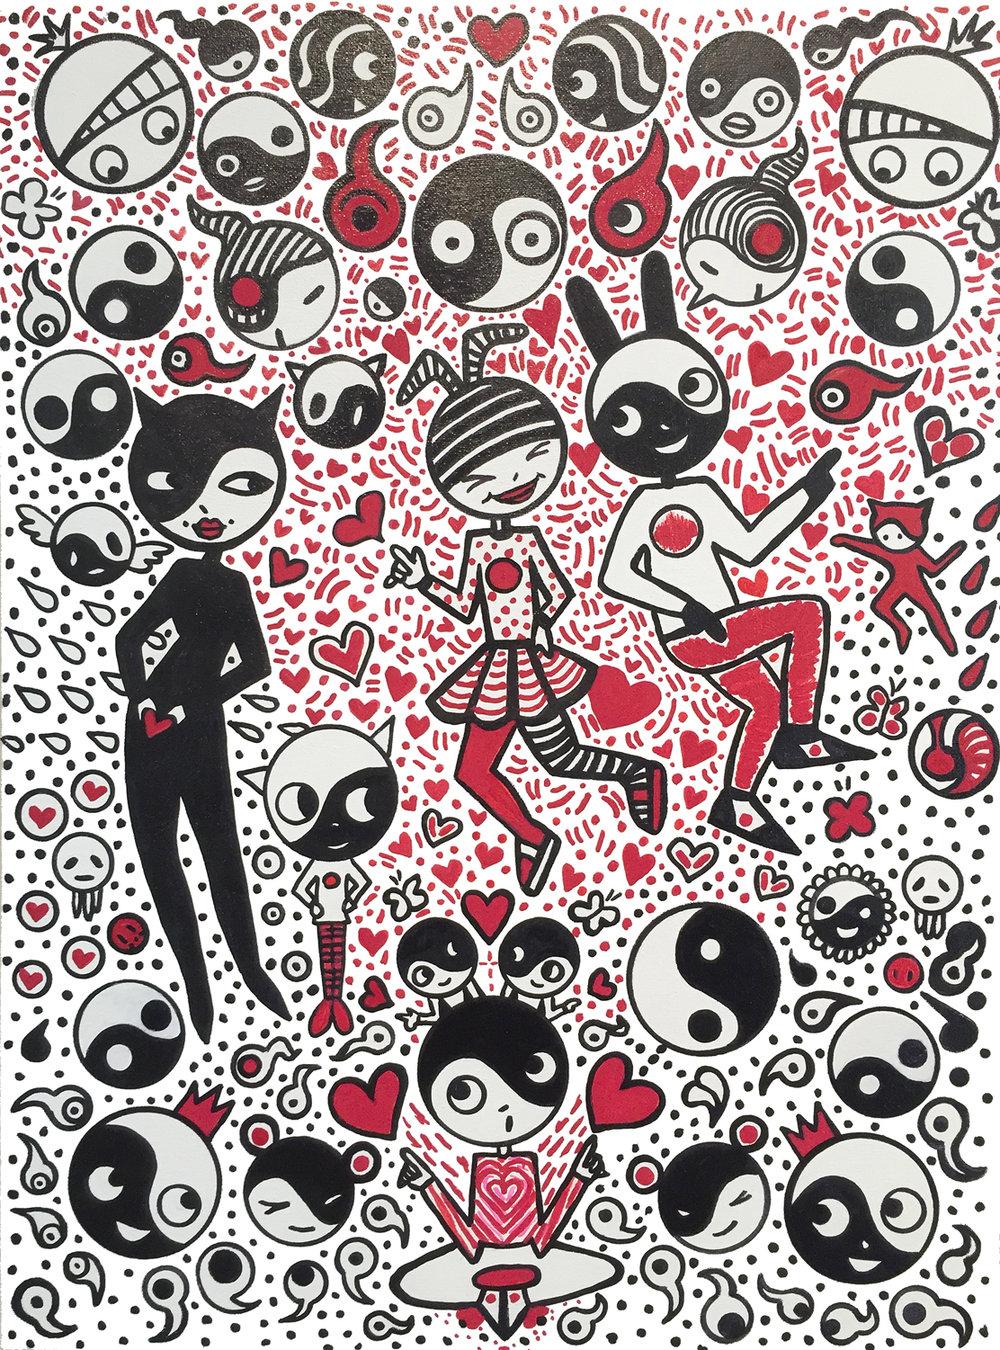 Rhythm of Love Bethann Shannon oil paint and pen 18 x 24.jpg